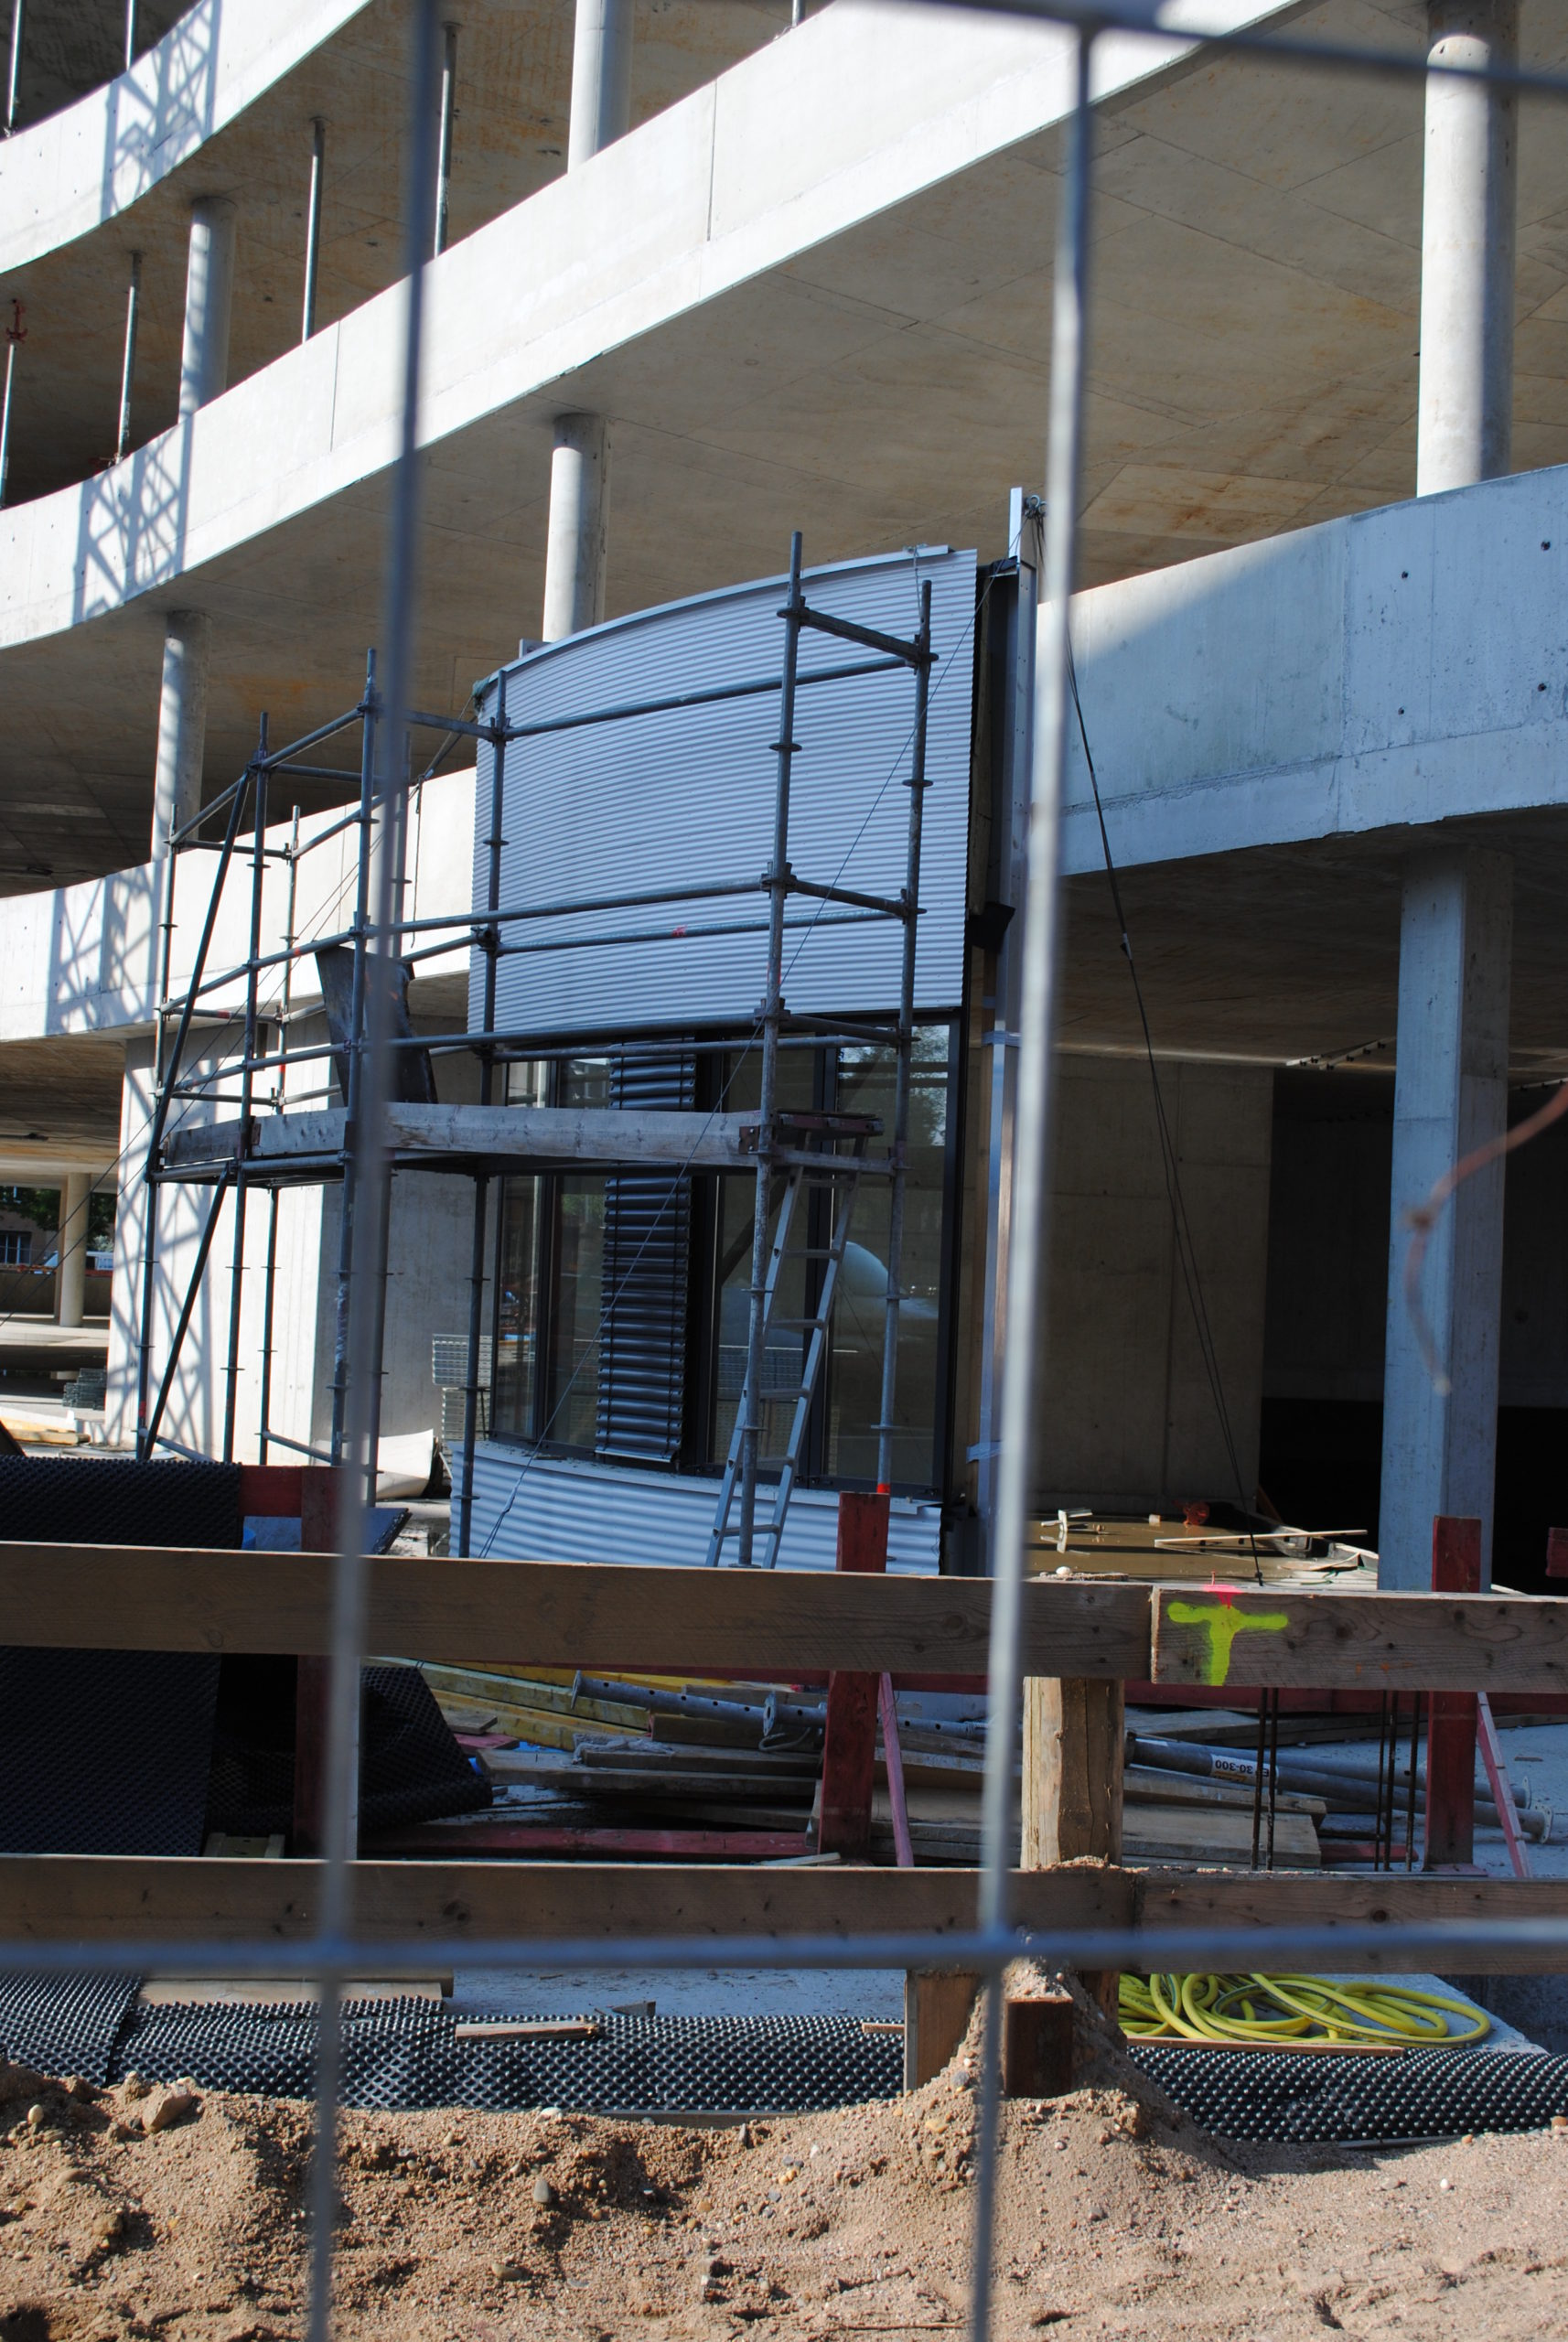 Das Synus-Gebäude im Bau - erste Fassadenarbeiten